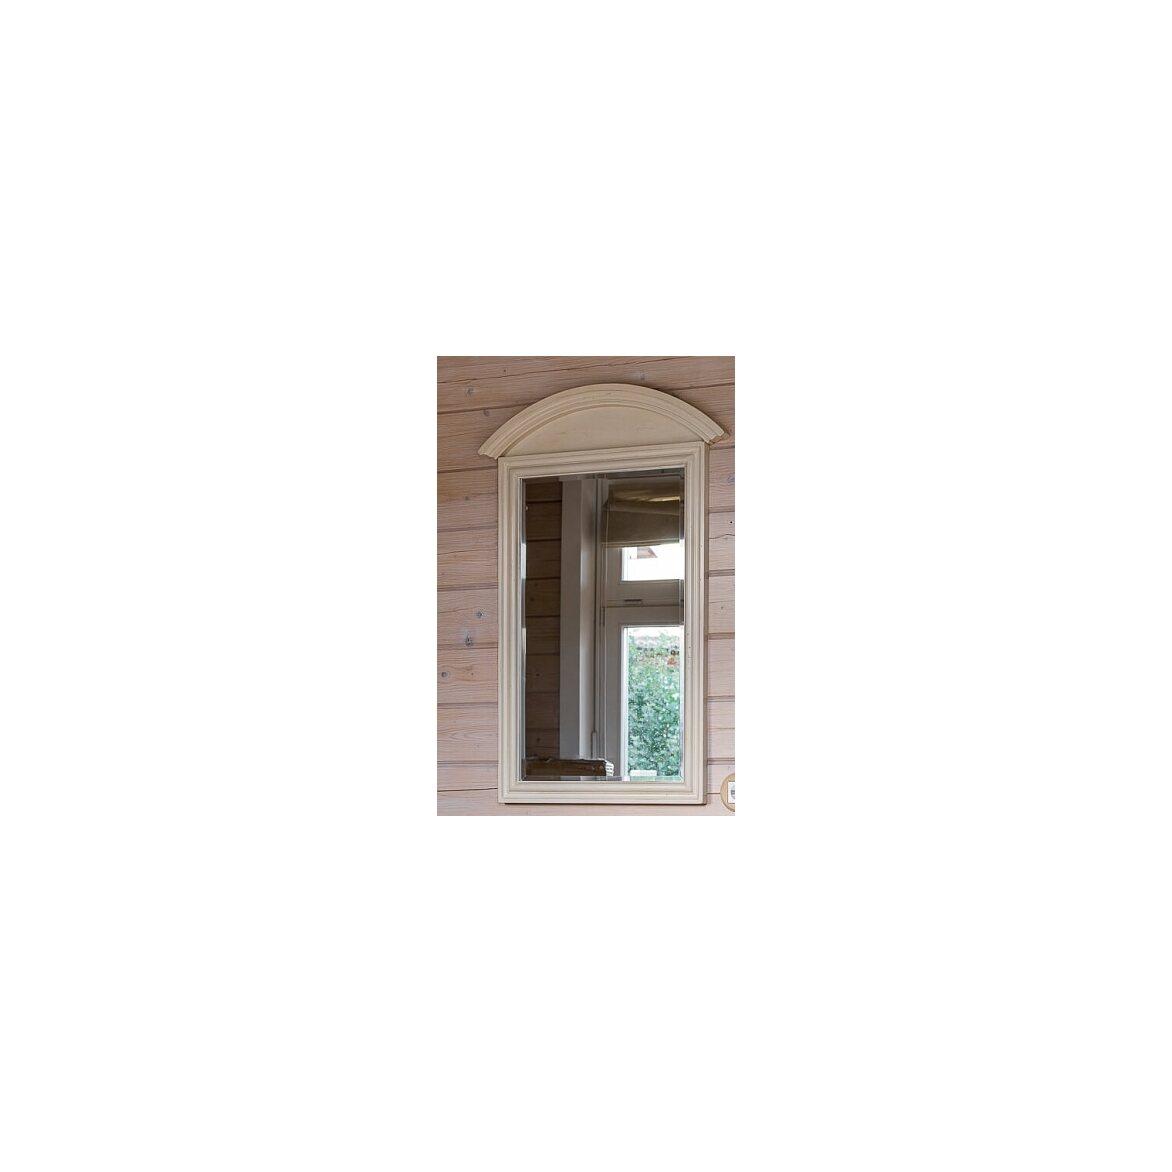 Прямоугольное зеркало настенное Leontina, бежевого цвета 2   Настенные зеркала Kingsby